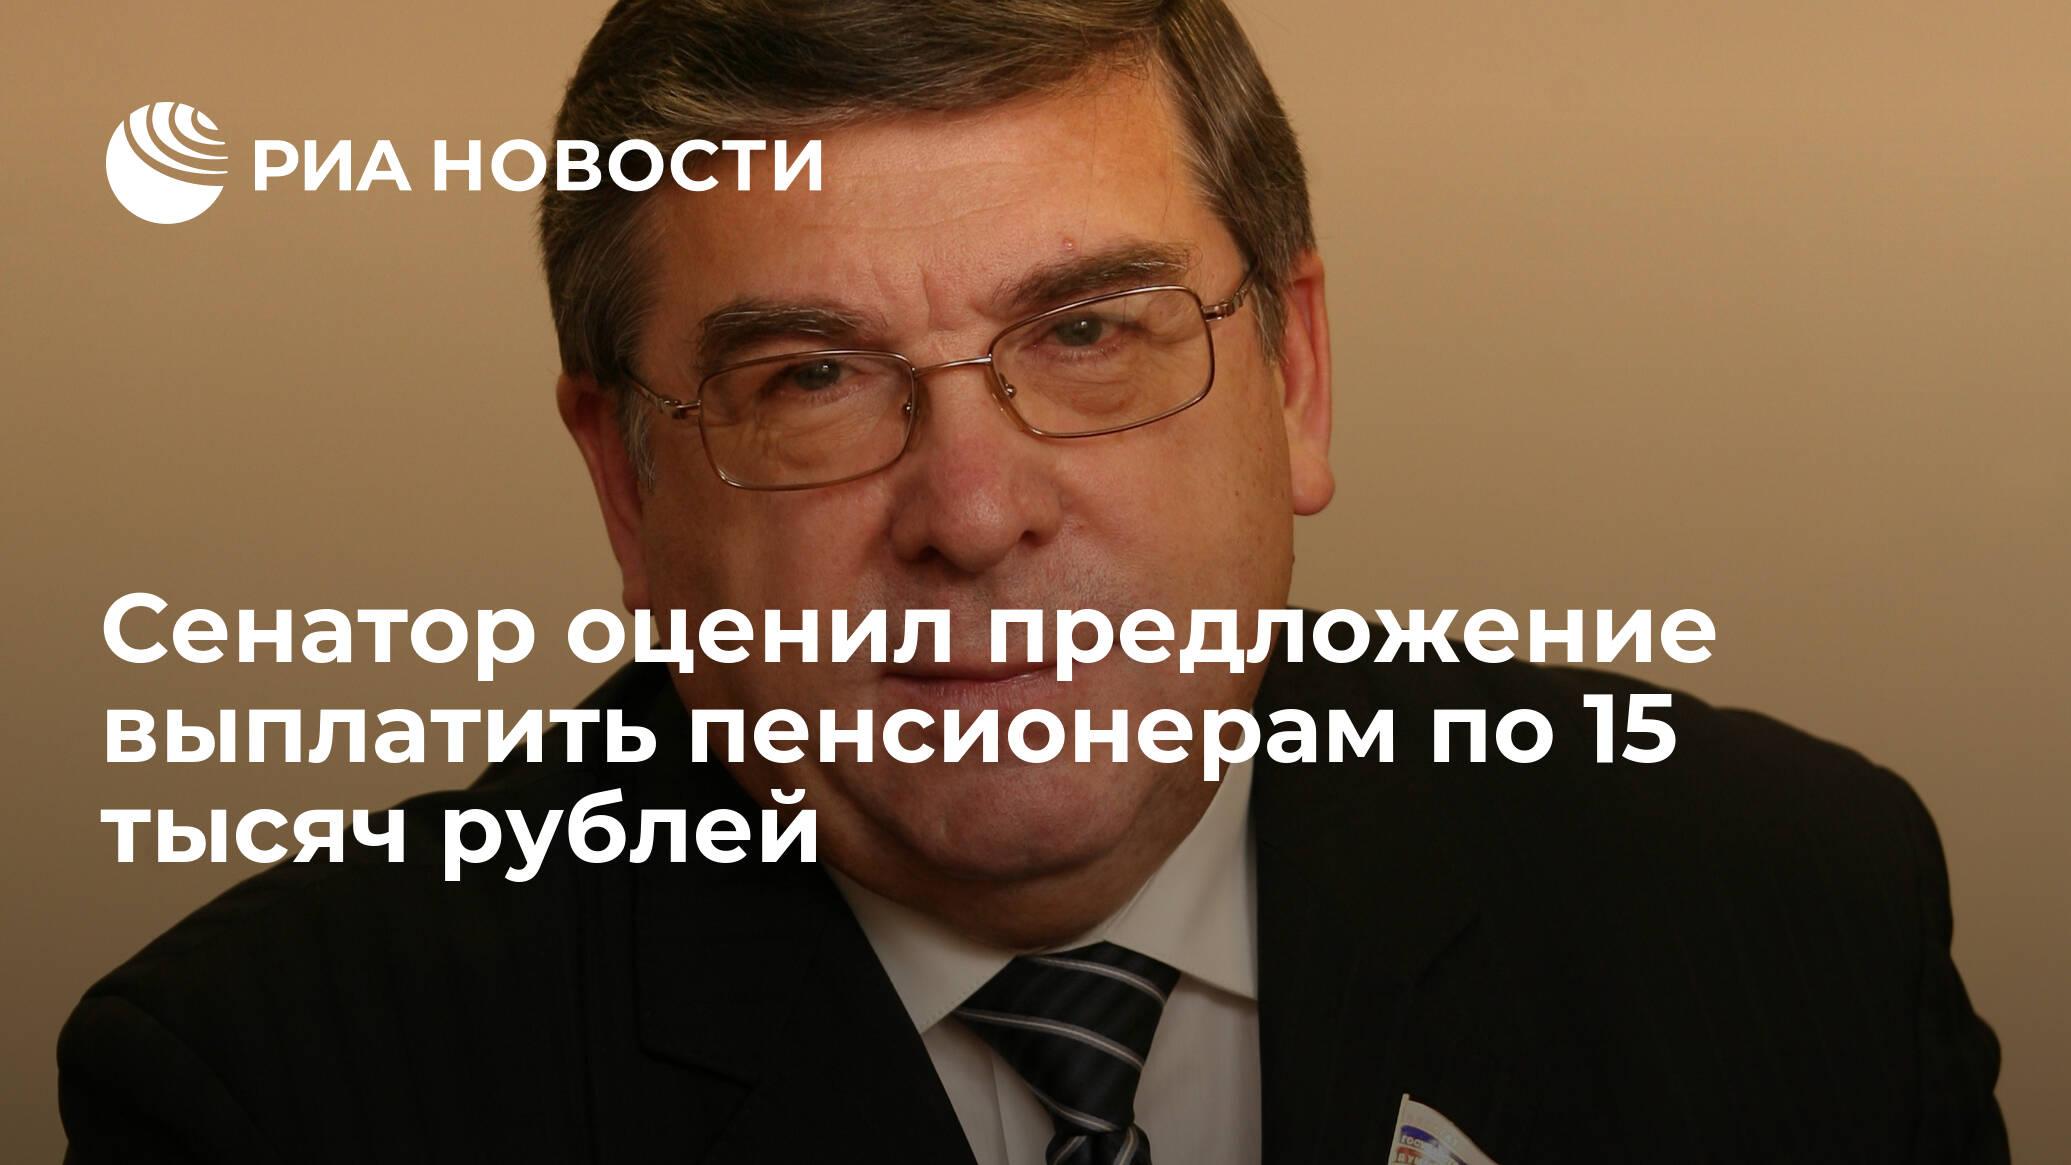 Сенатор оценил предложение выплатить пенсионерам по 15 тысяч рублей